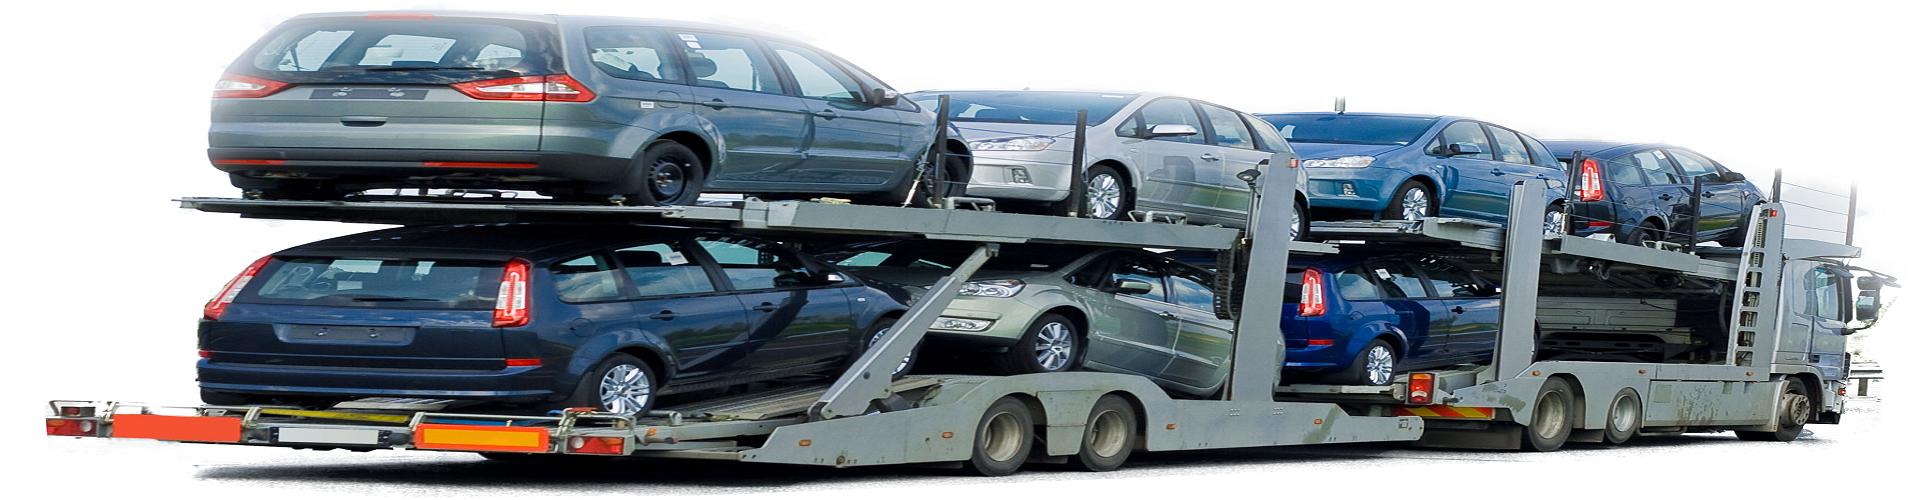 حمل خودرو از نمایندگی تا درب منزل